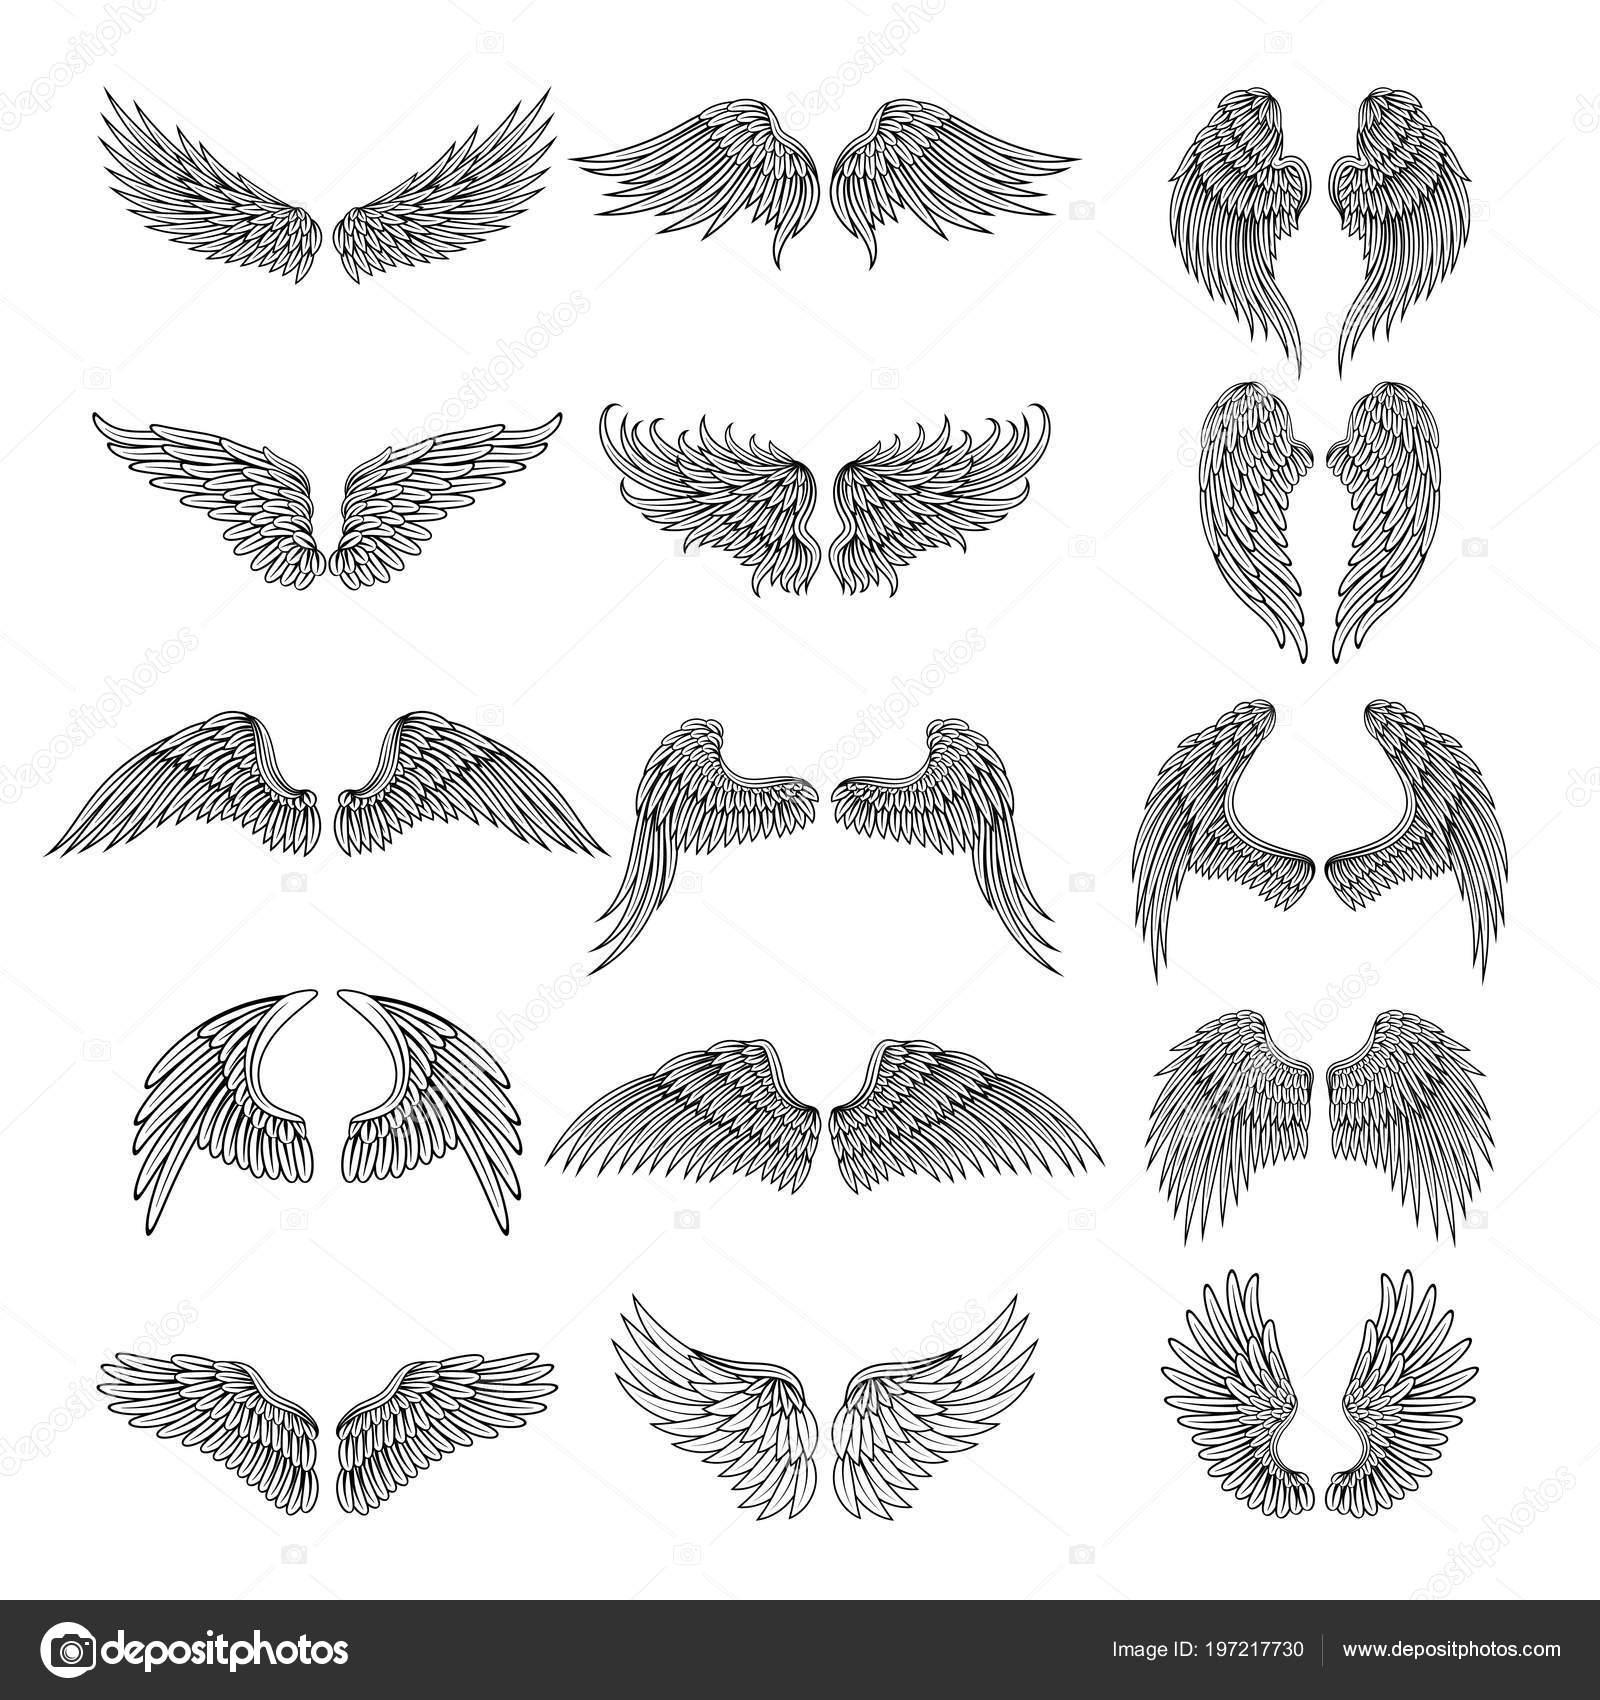 Tattoo Design Immagini Di Diverse Ali Stilizzate Immagini